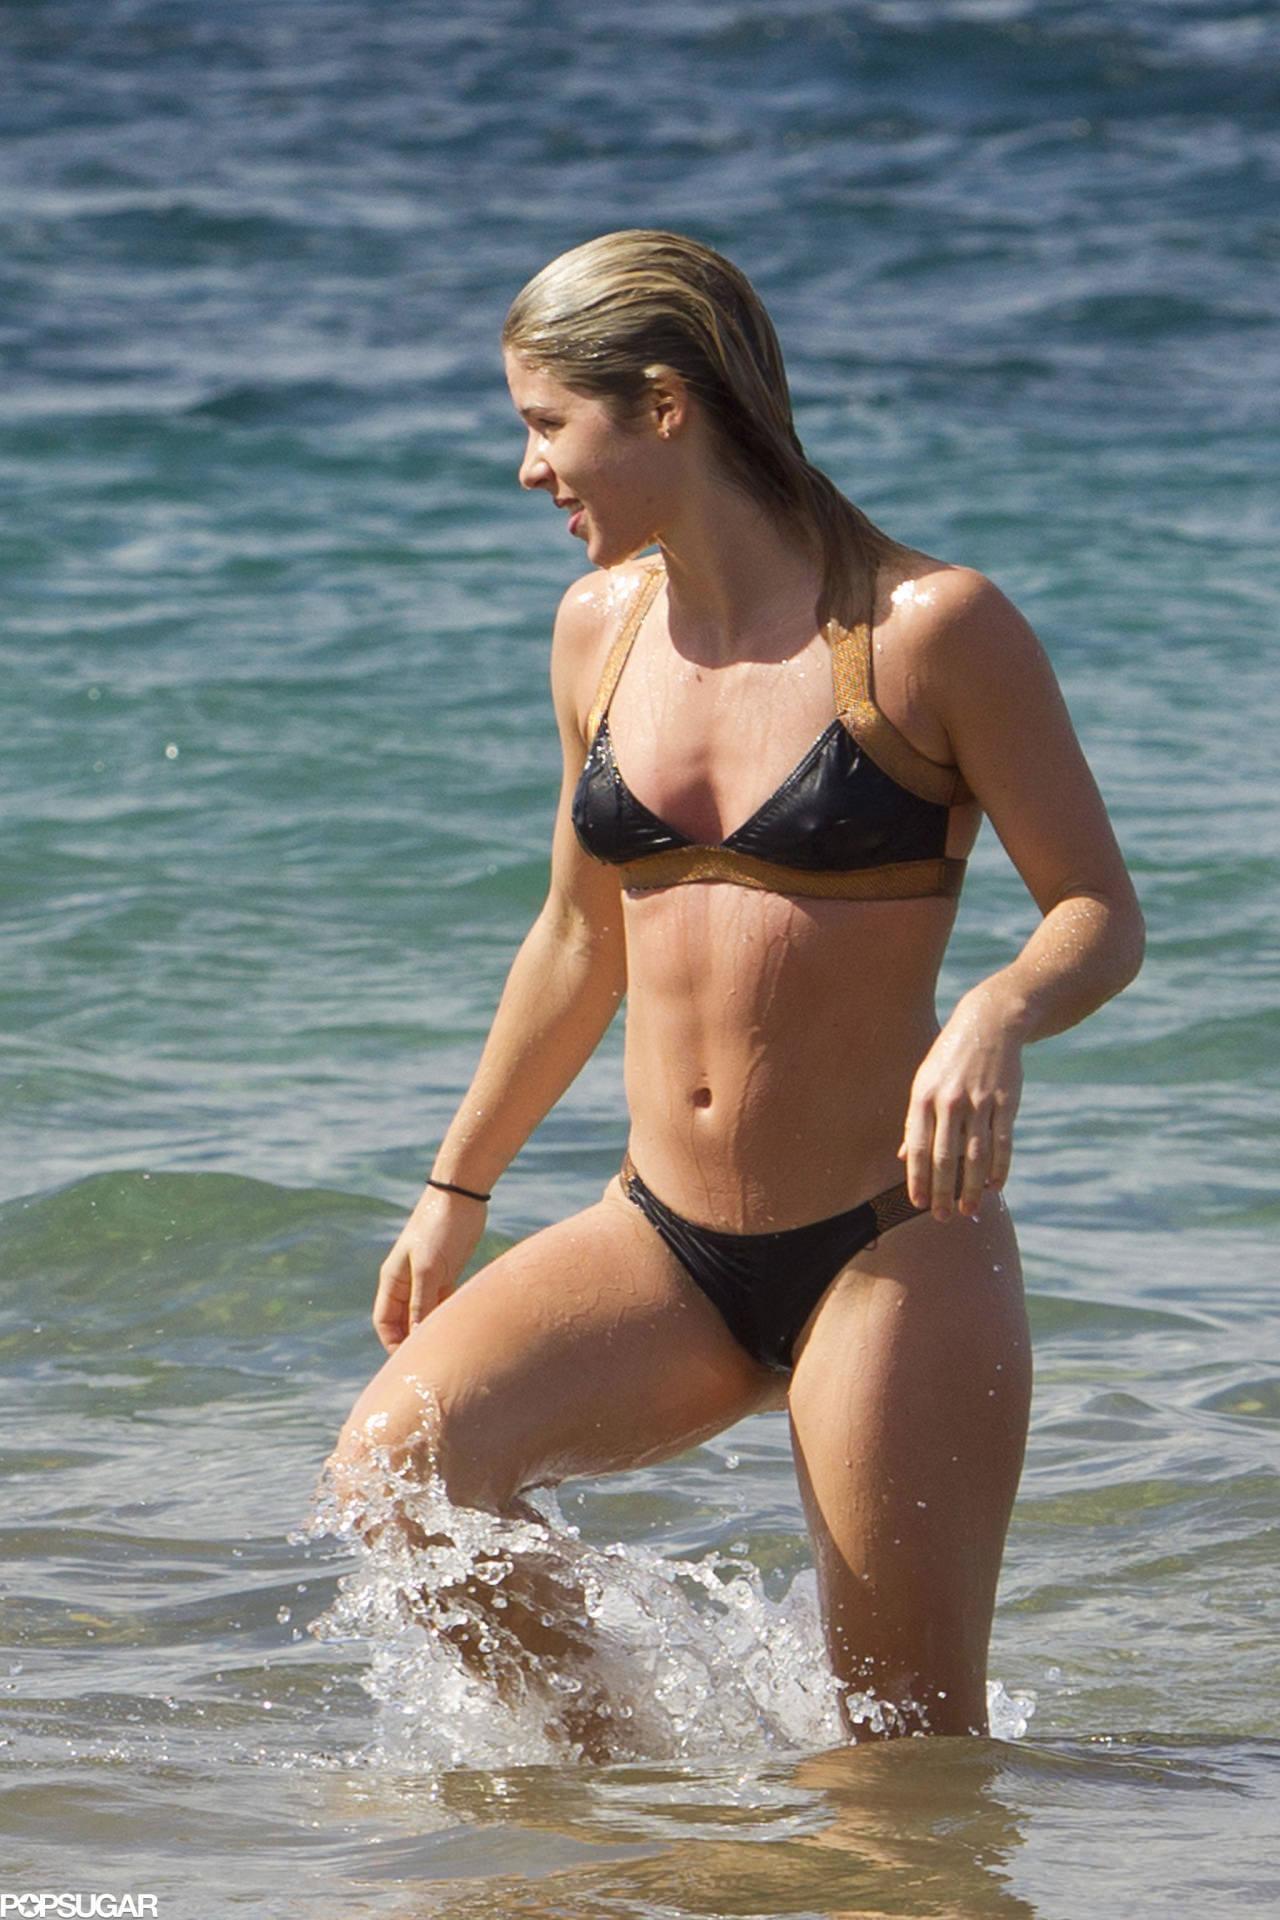 Emily Bett Rickards in a nice bikini